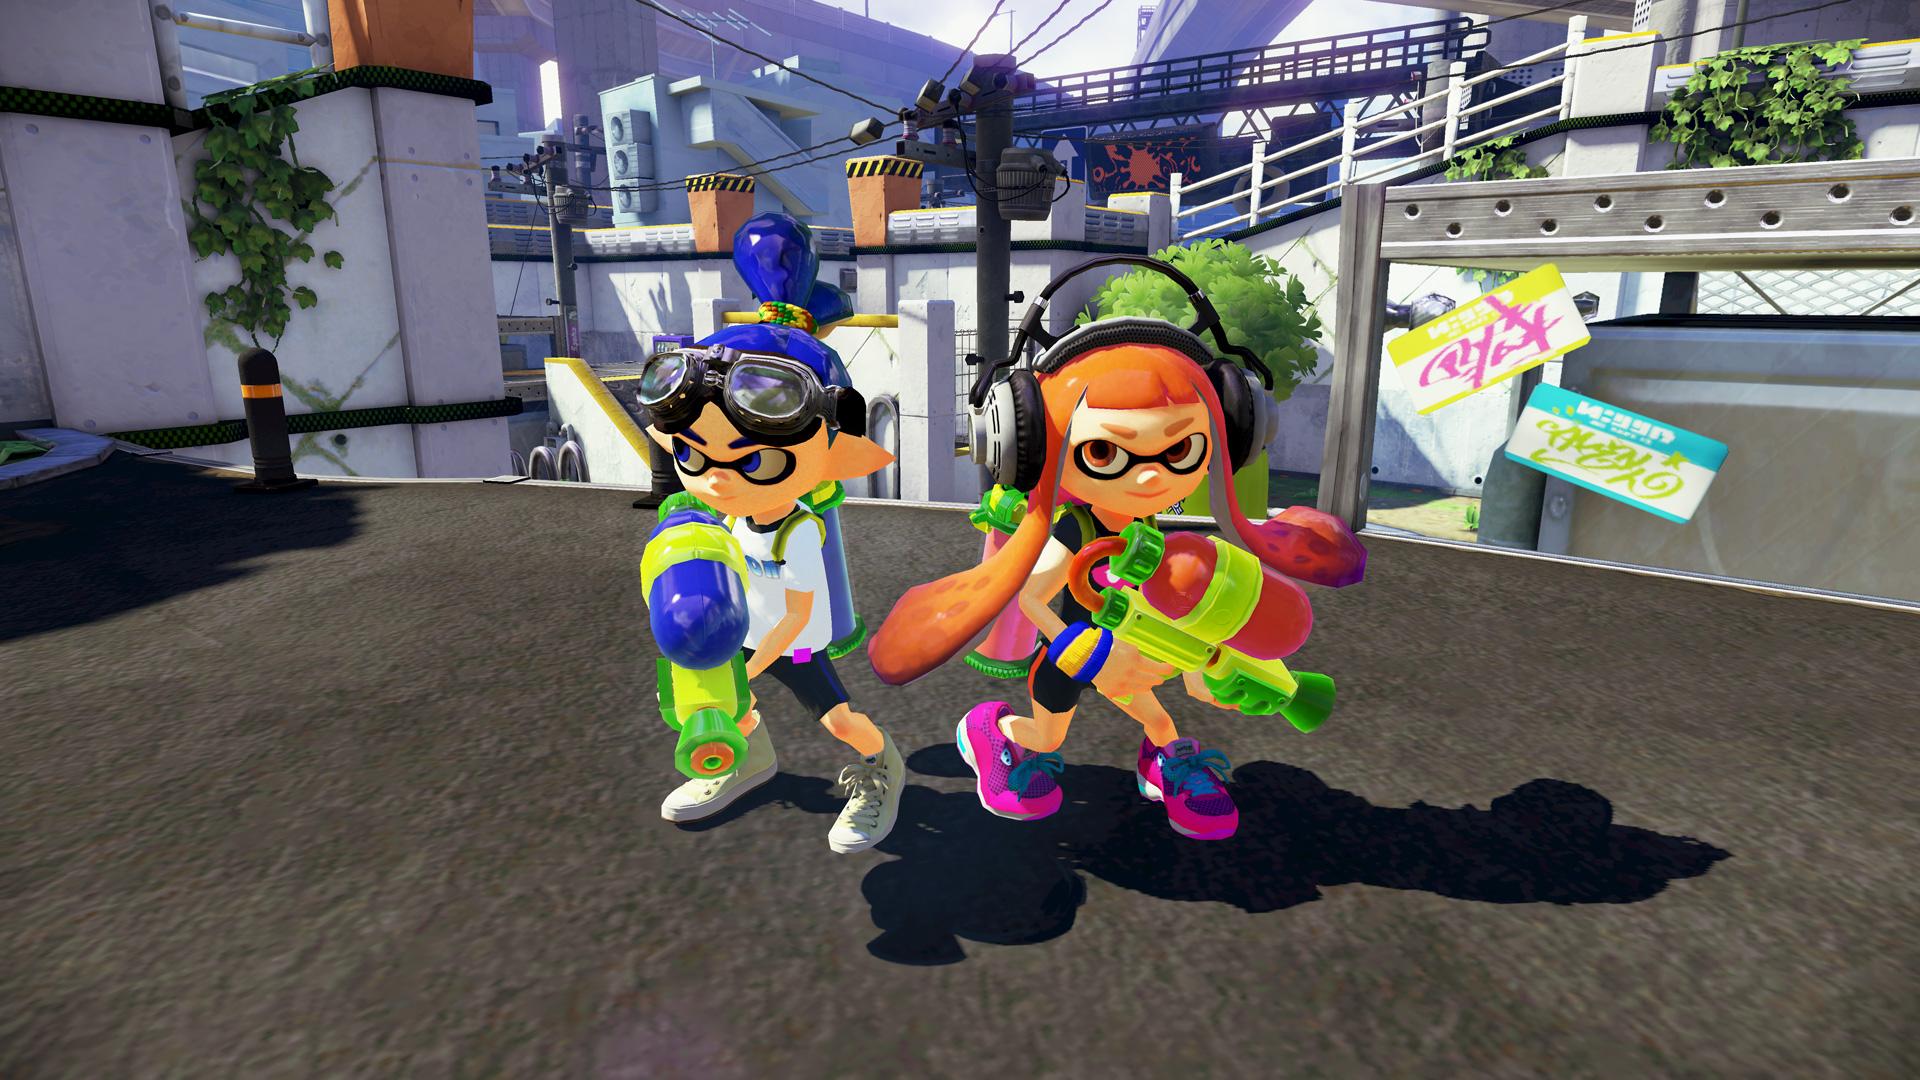 Batalhas entre quartetos: Splatoon é aposta da Nintendo no Wii U [vídeo]